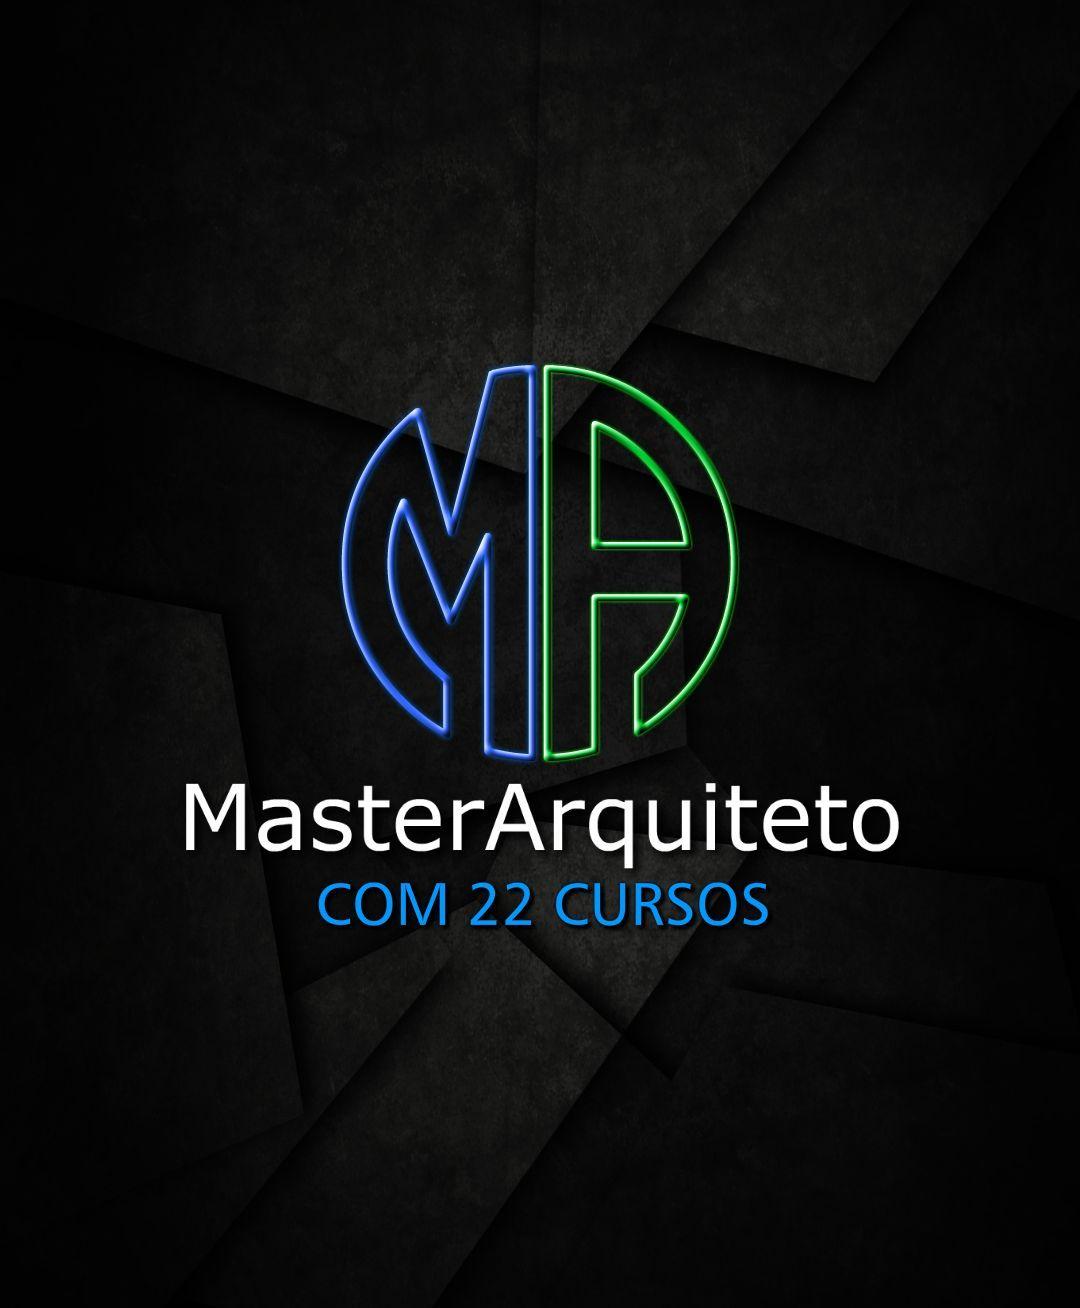 APRIMORAMENTO COMPLETO EM ARQUITETURA MASTER ARQUITETO  - 20 CURSOS